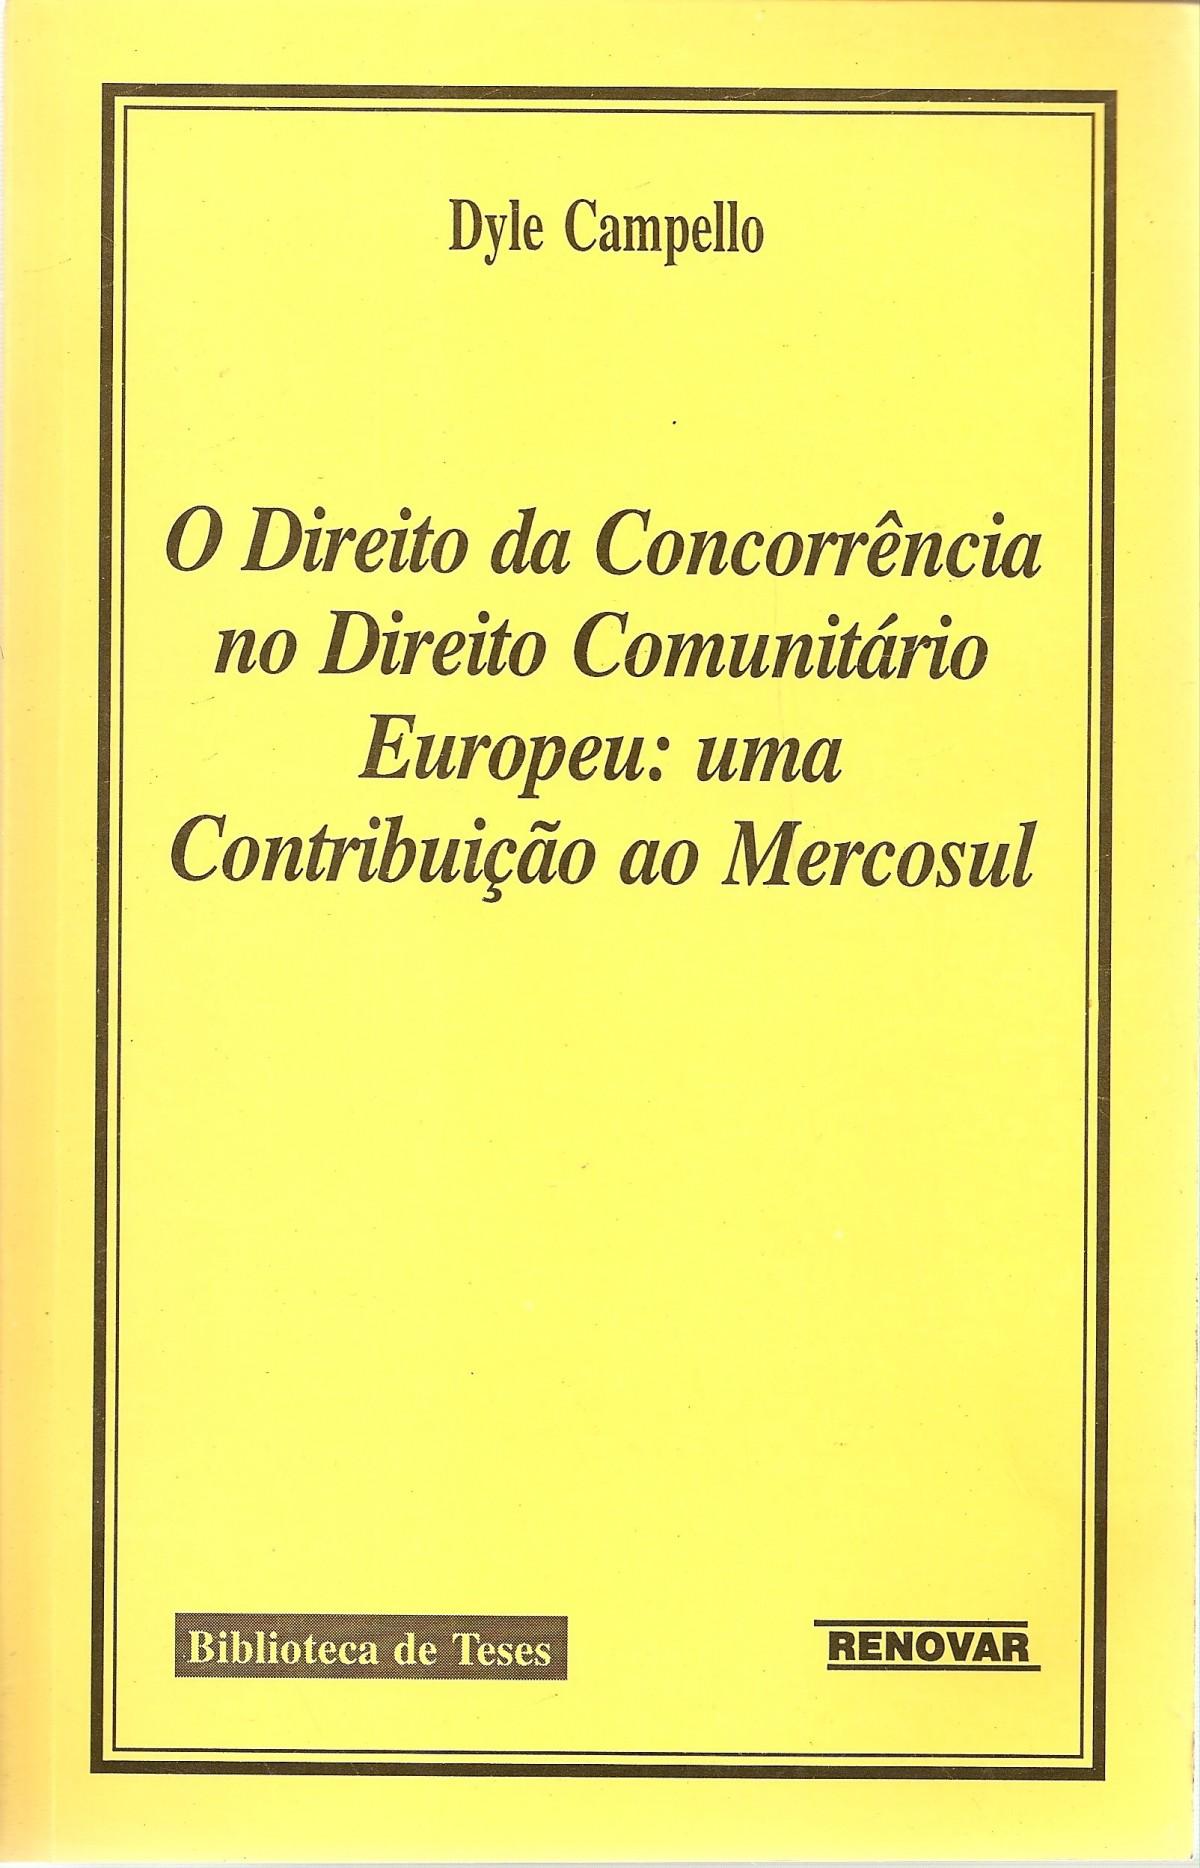 Foto 1 - O Direito da Concorrência no Direito Comunitário Europeu: Uma Contribuição ao Mercosul